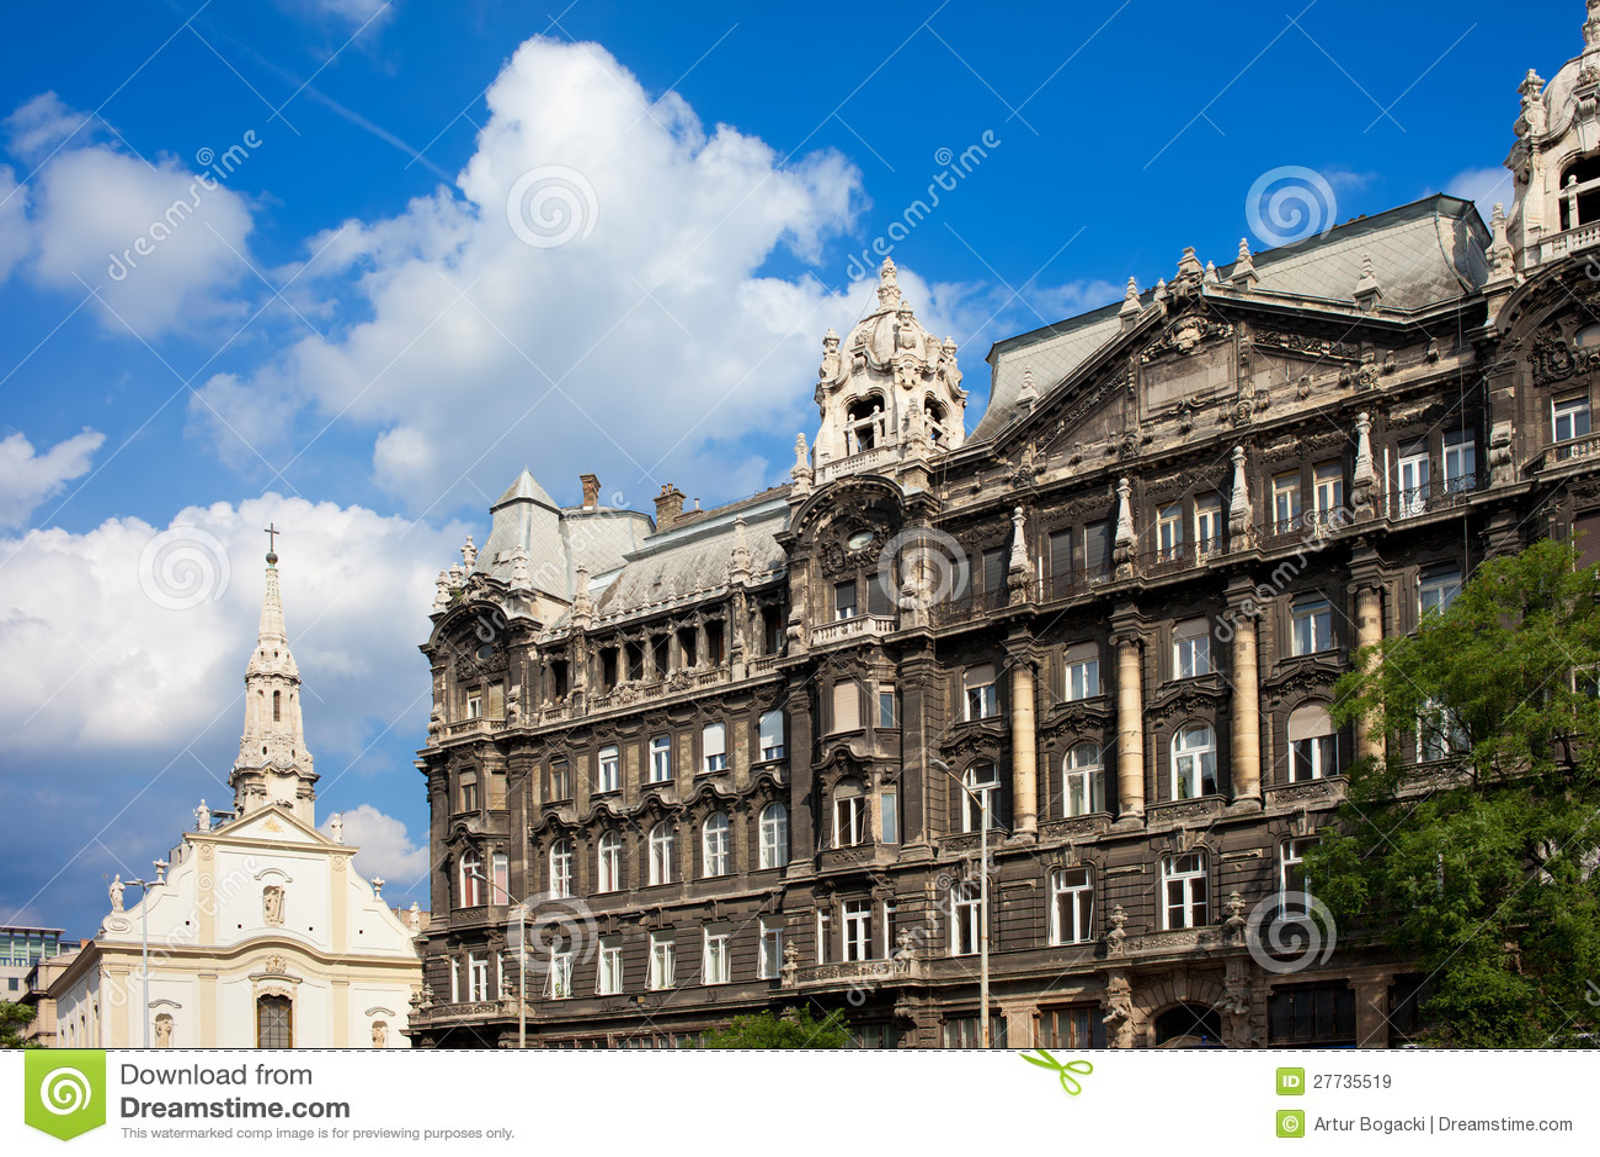 Historische Wohnanlage-Fassade